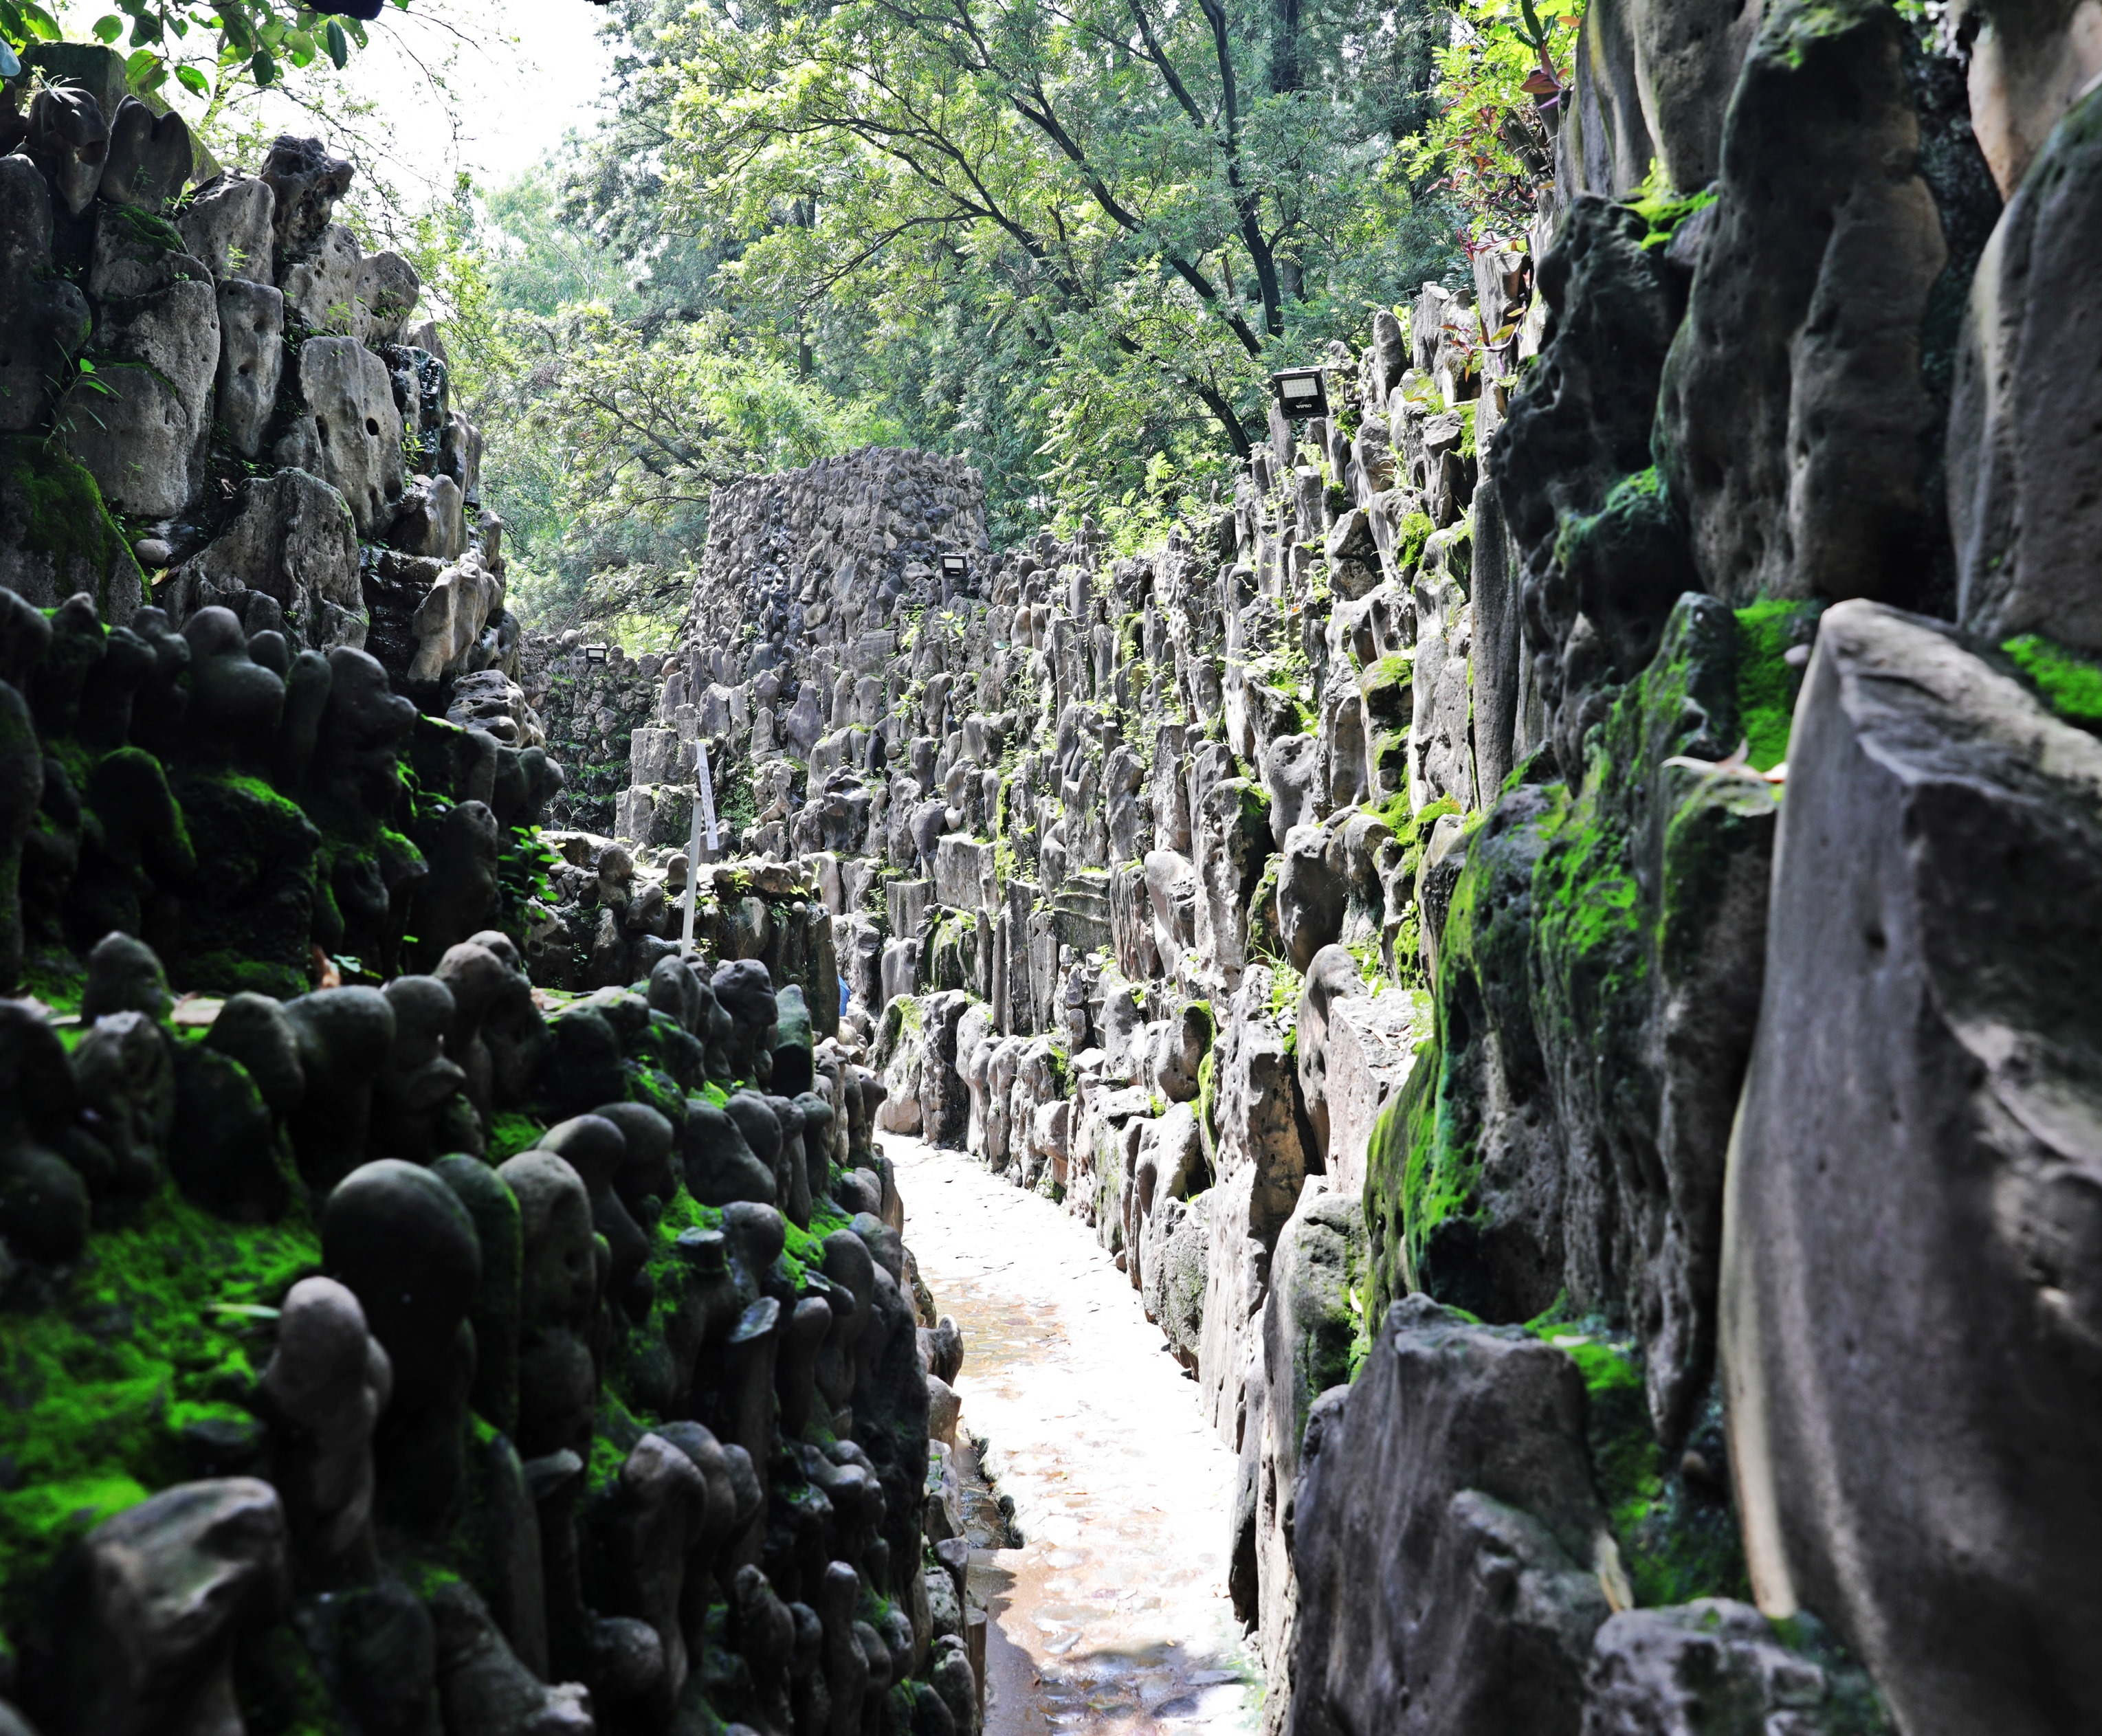 Wall sculpture, Rock Garden, Chandigarh